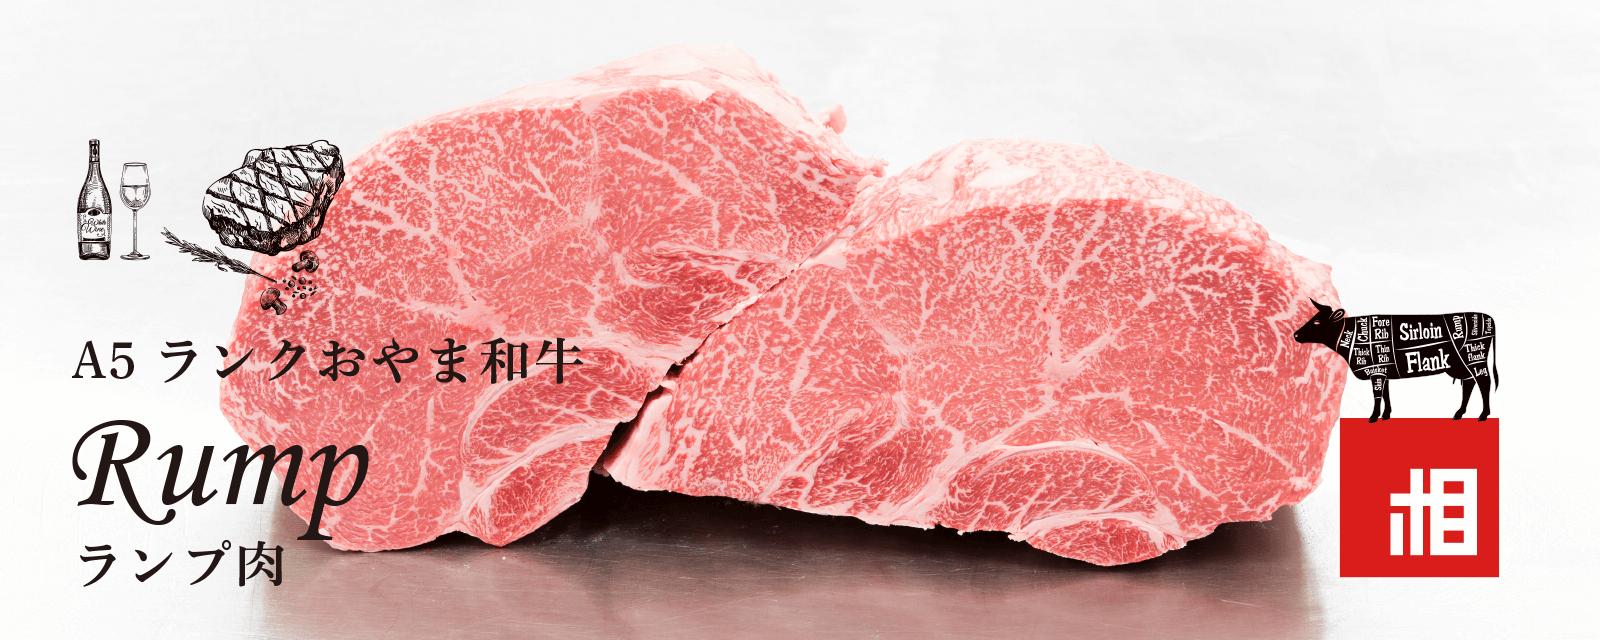 和牛ランプ肉ブロック